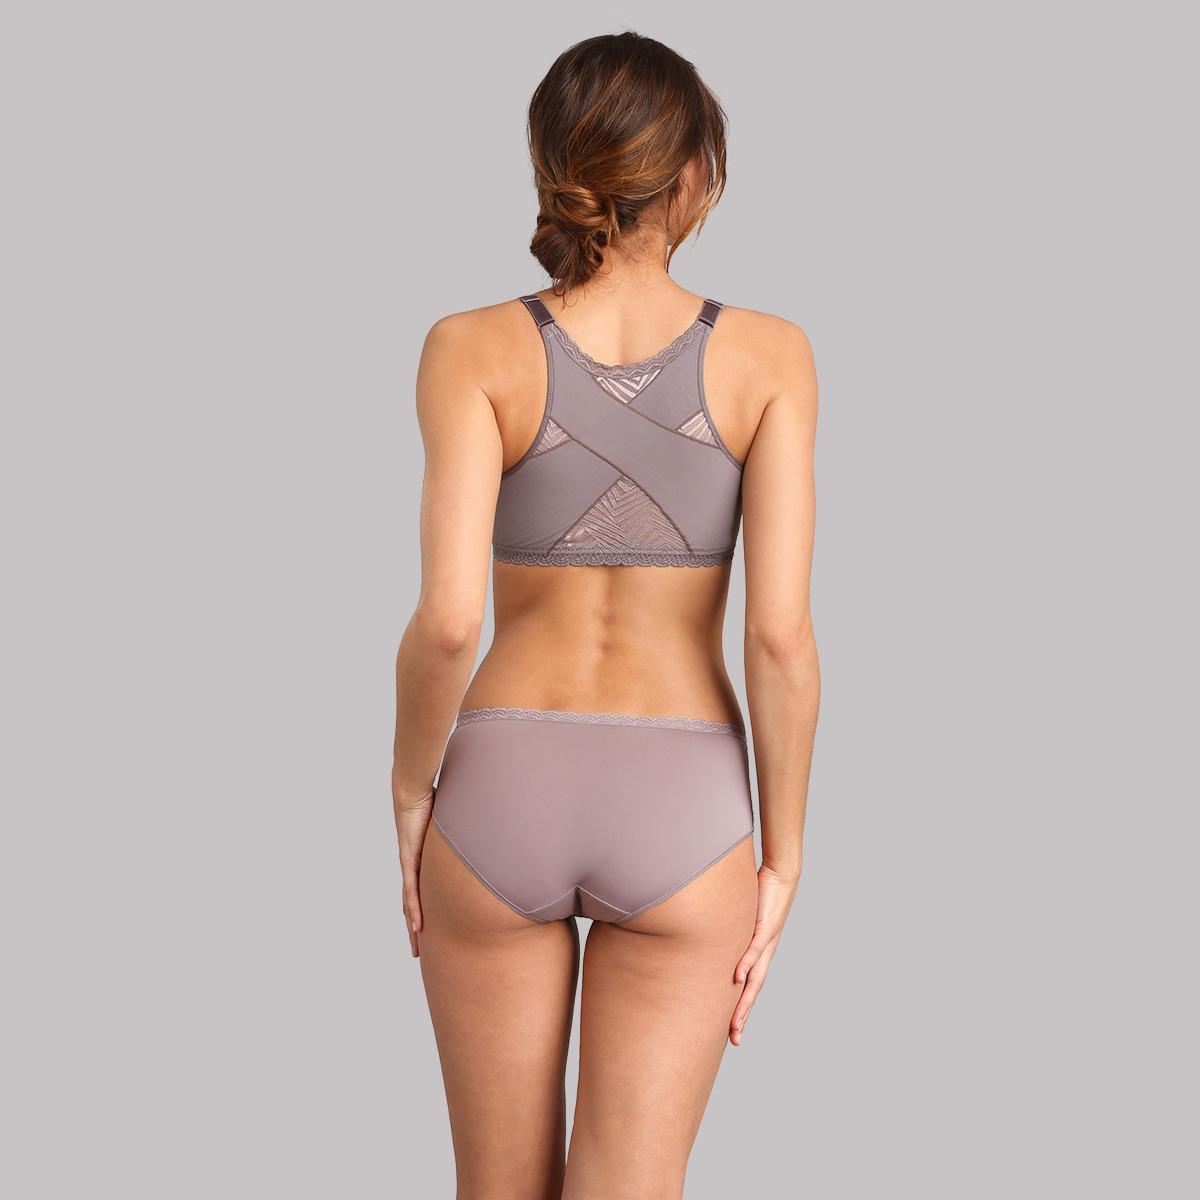 Reggiseno senza ferretto aperto davanti grigio talpa Ideal Posture, , PLAYTEX